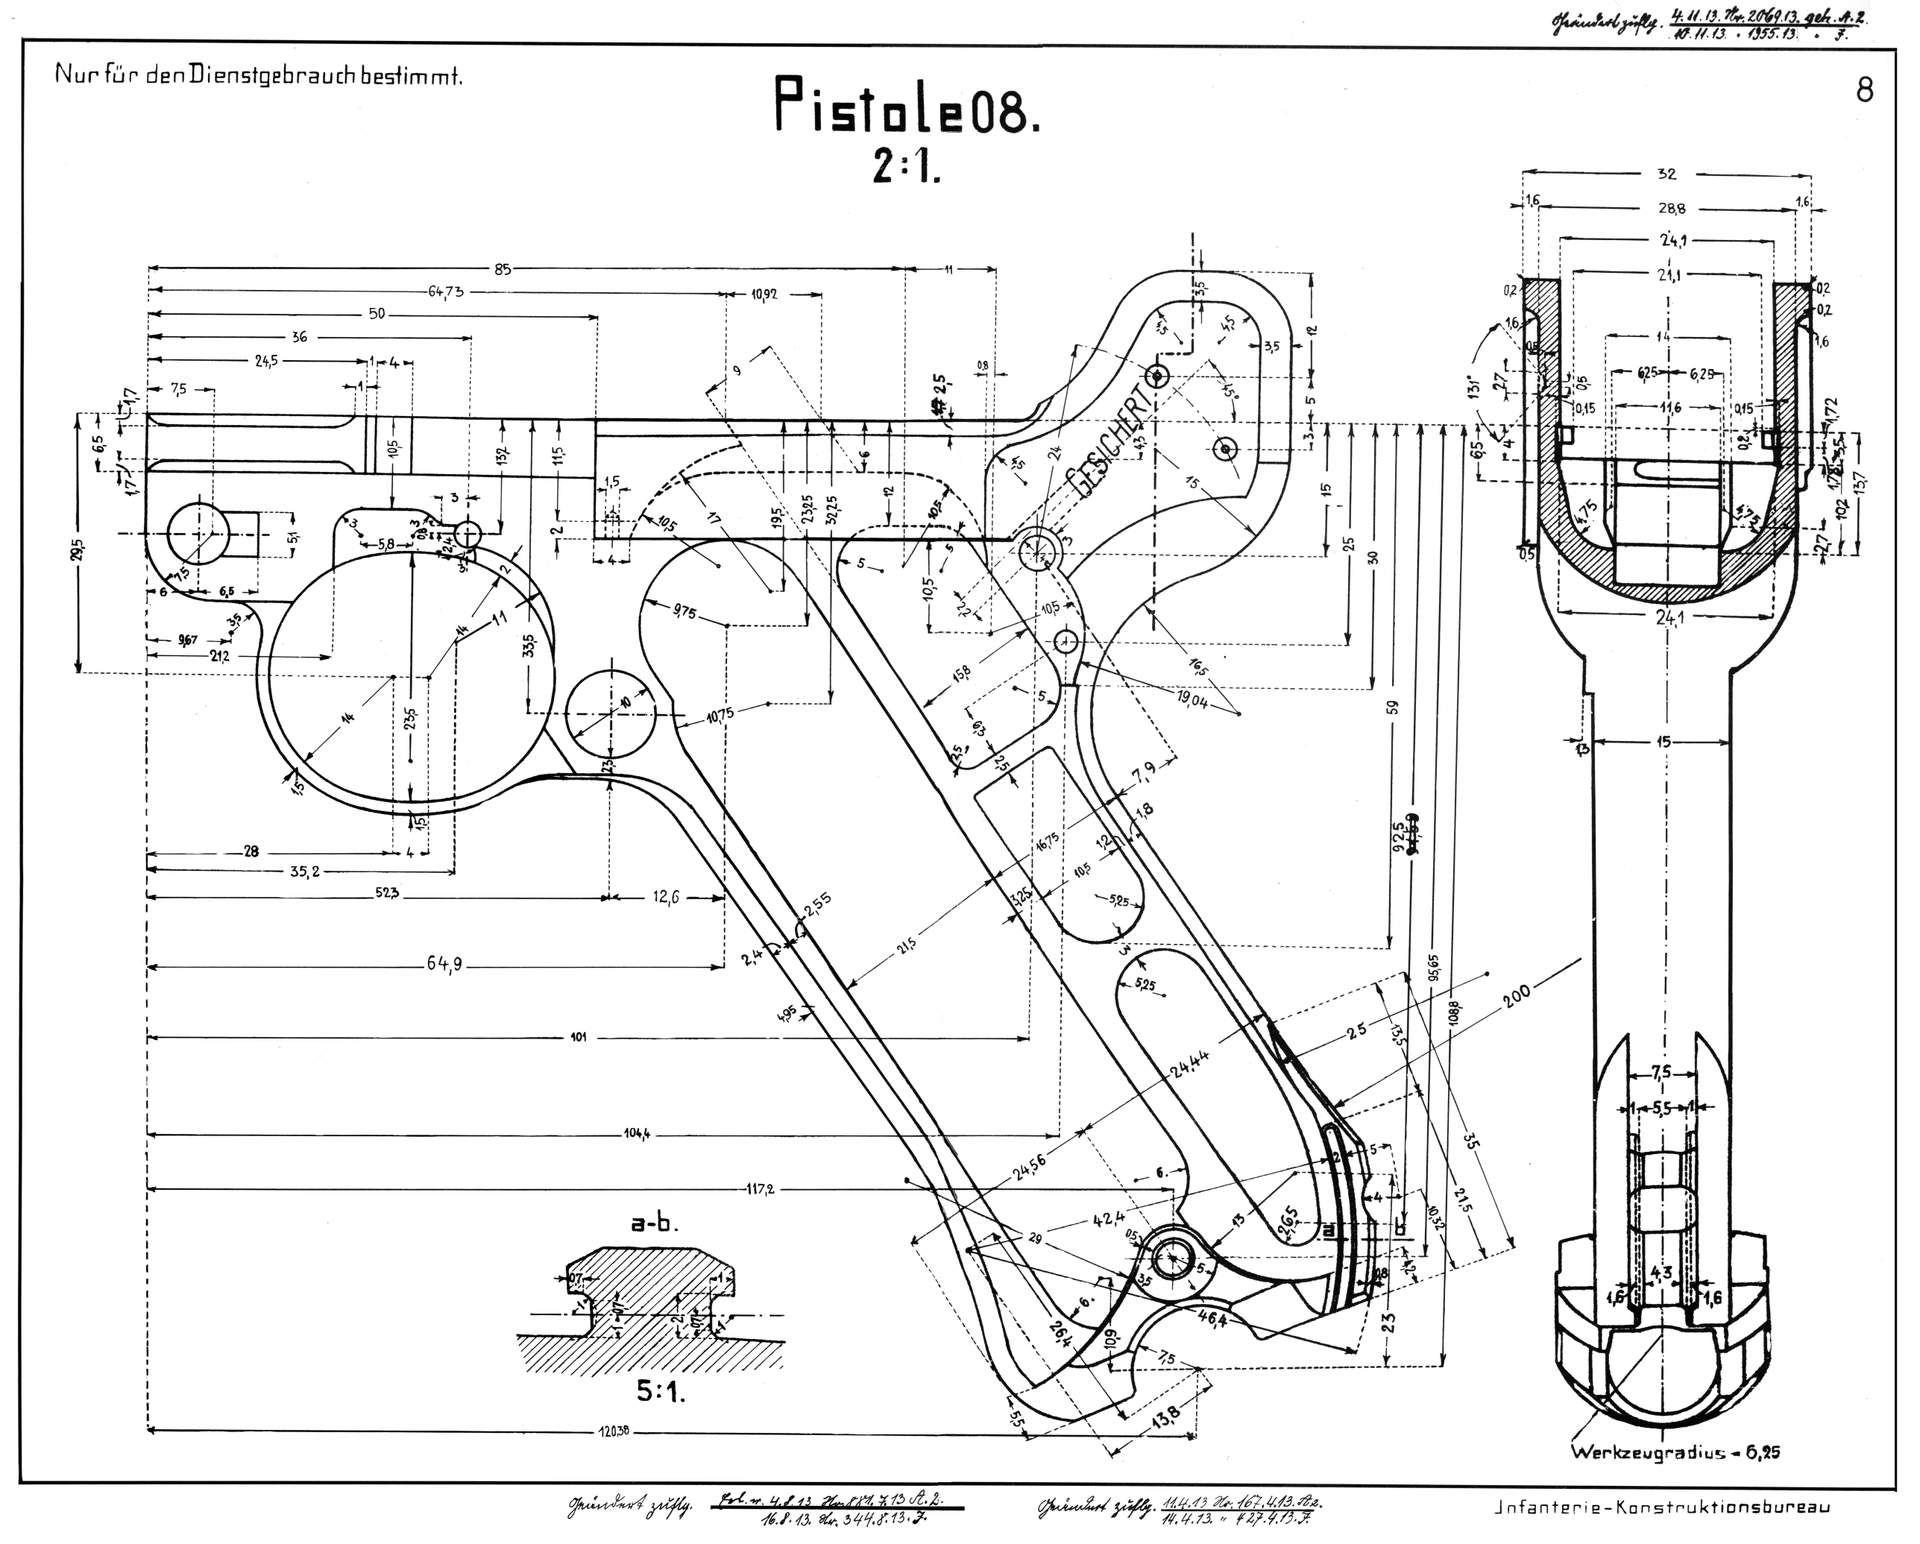 3d Models Of Weapons Blueprints